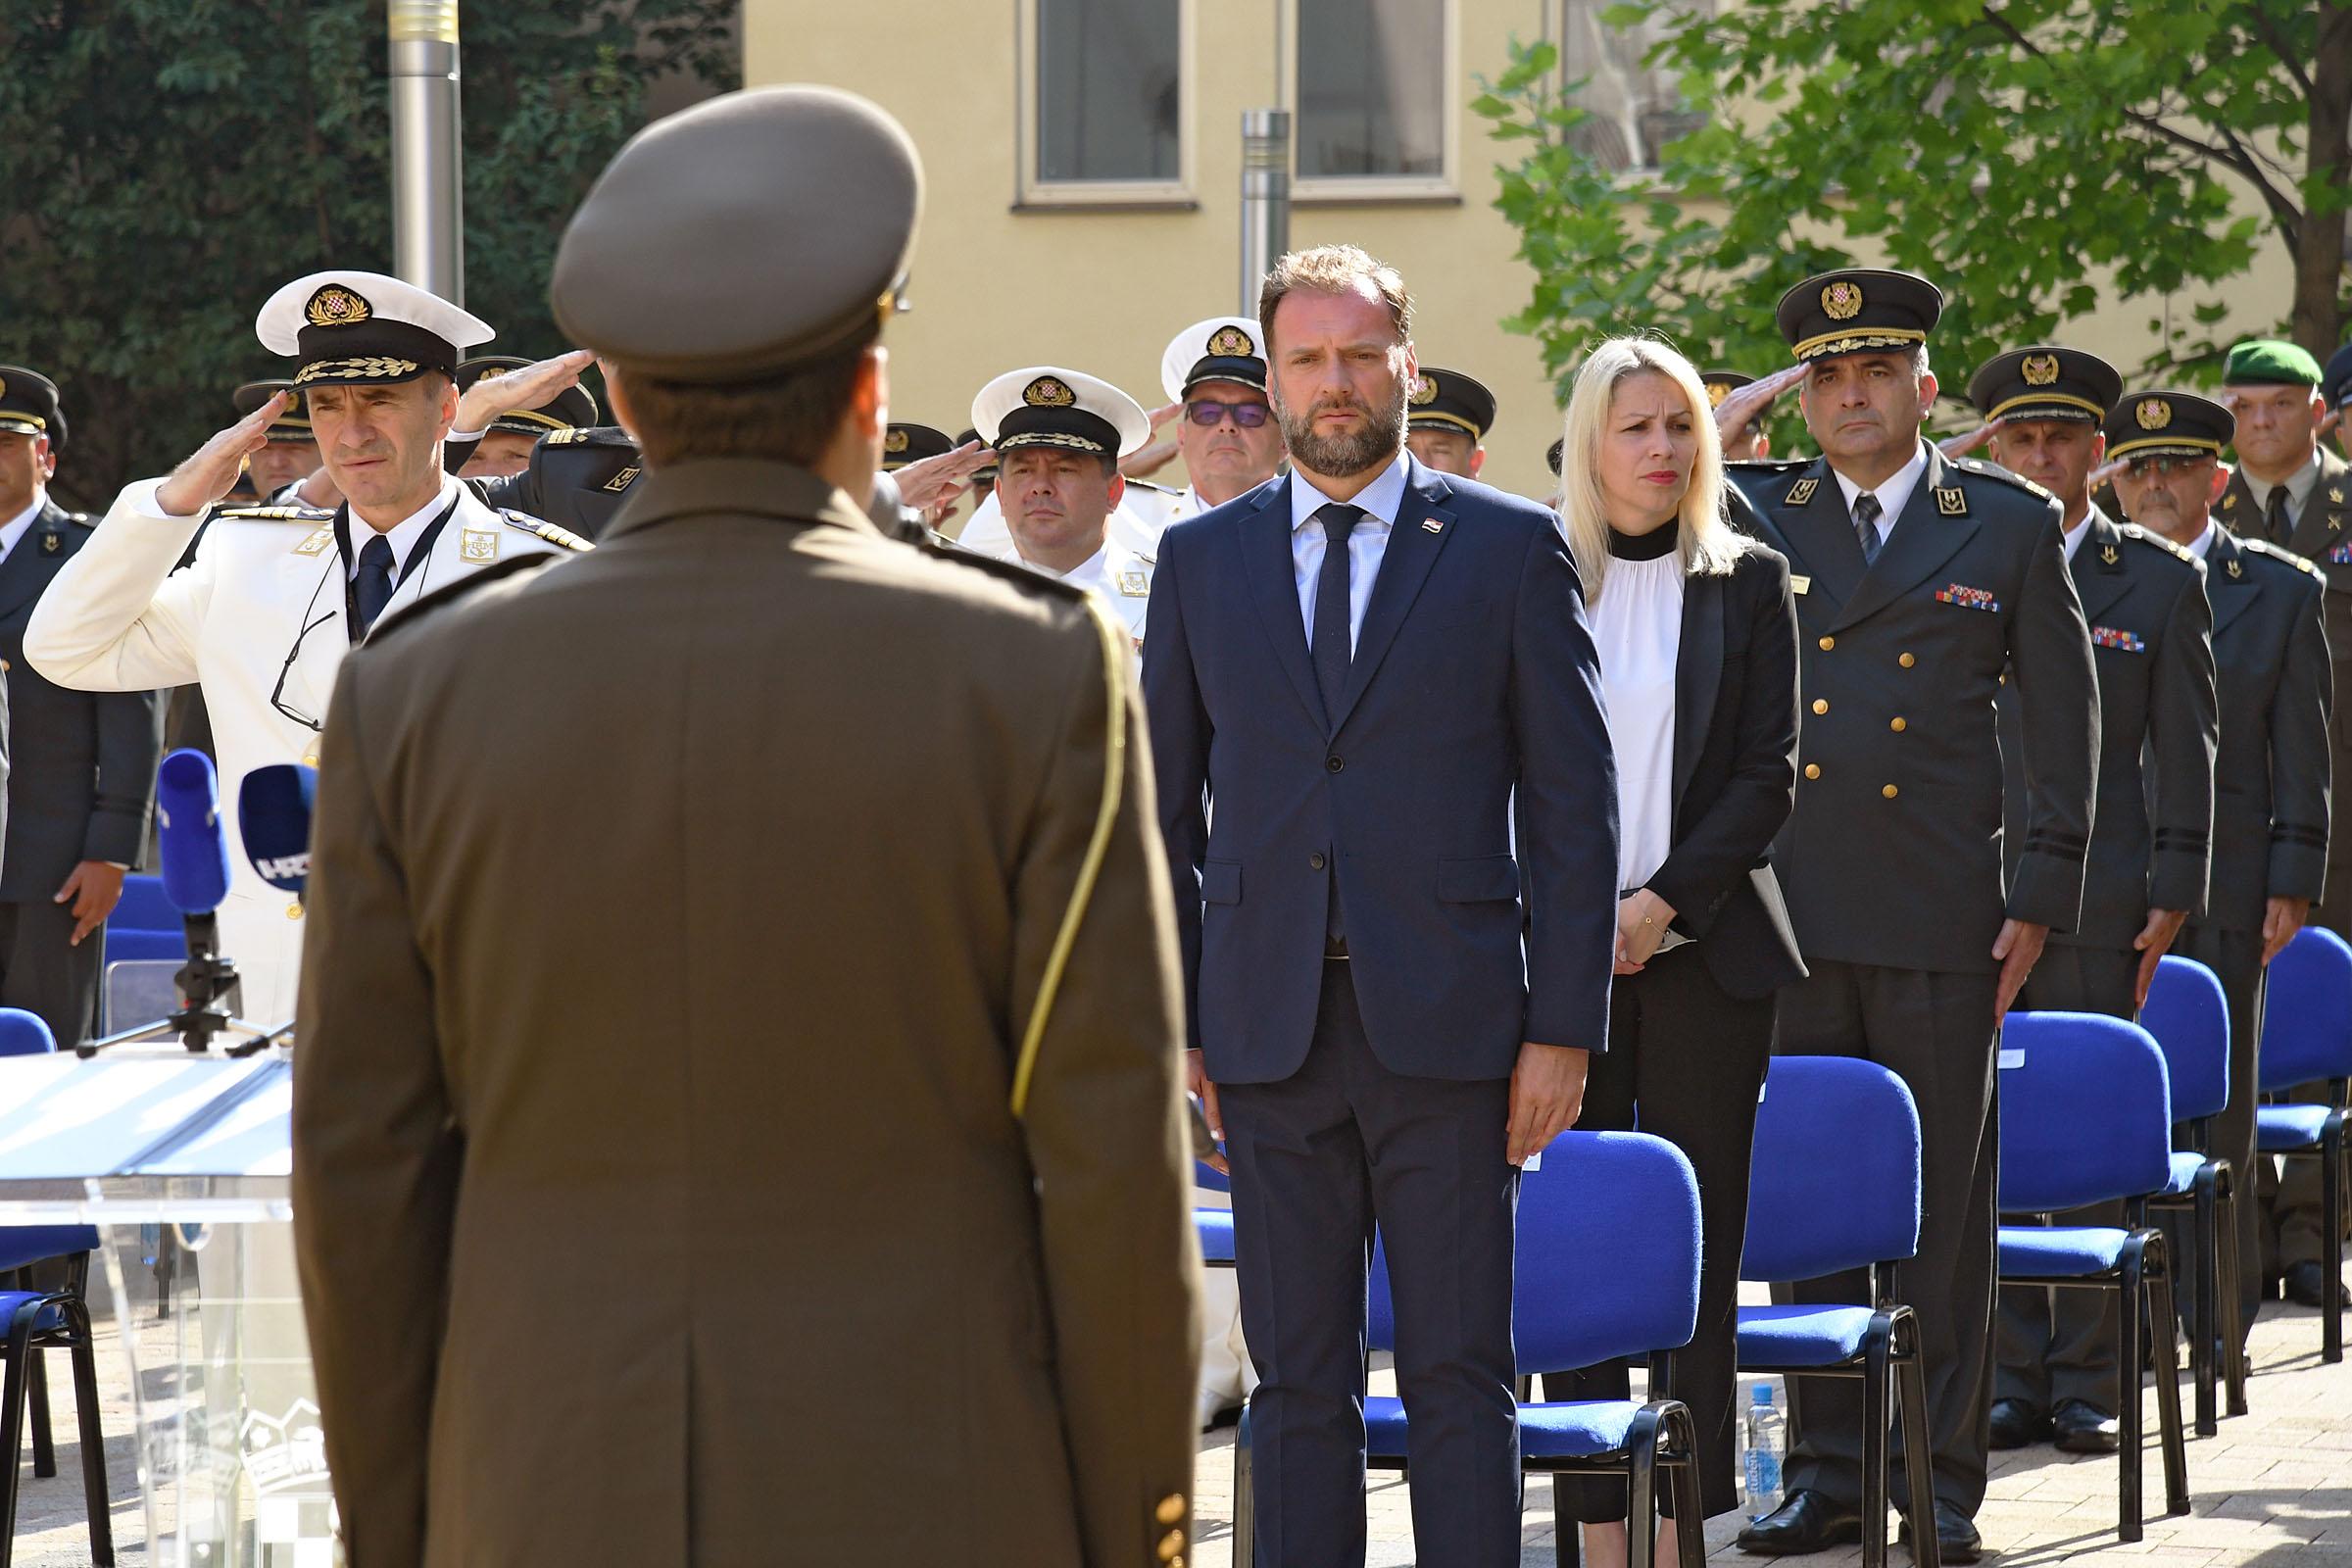 Održana svečana dodjela činova i pohvala u MORH-u